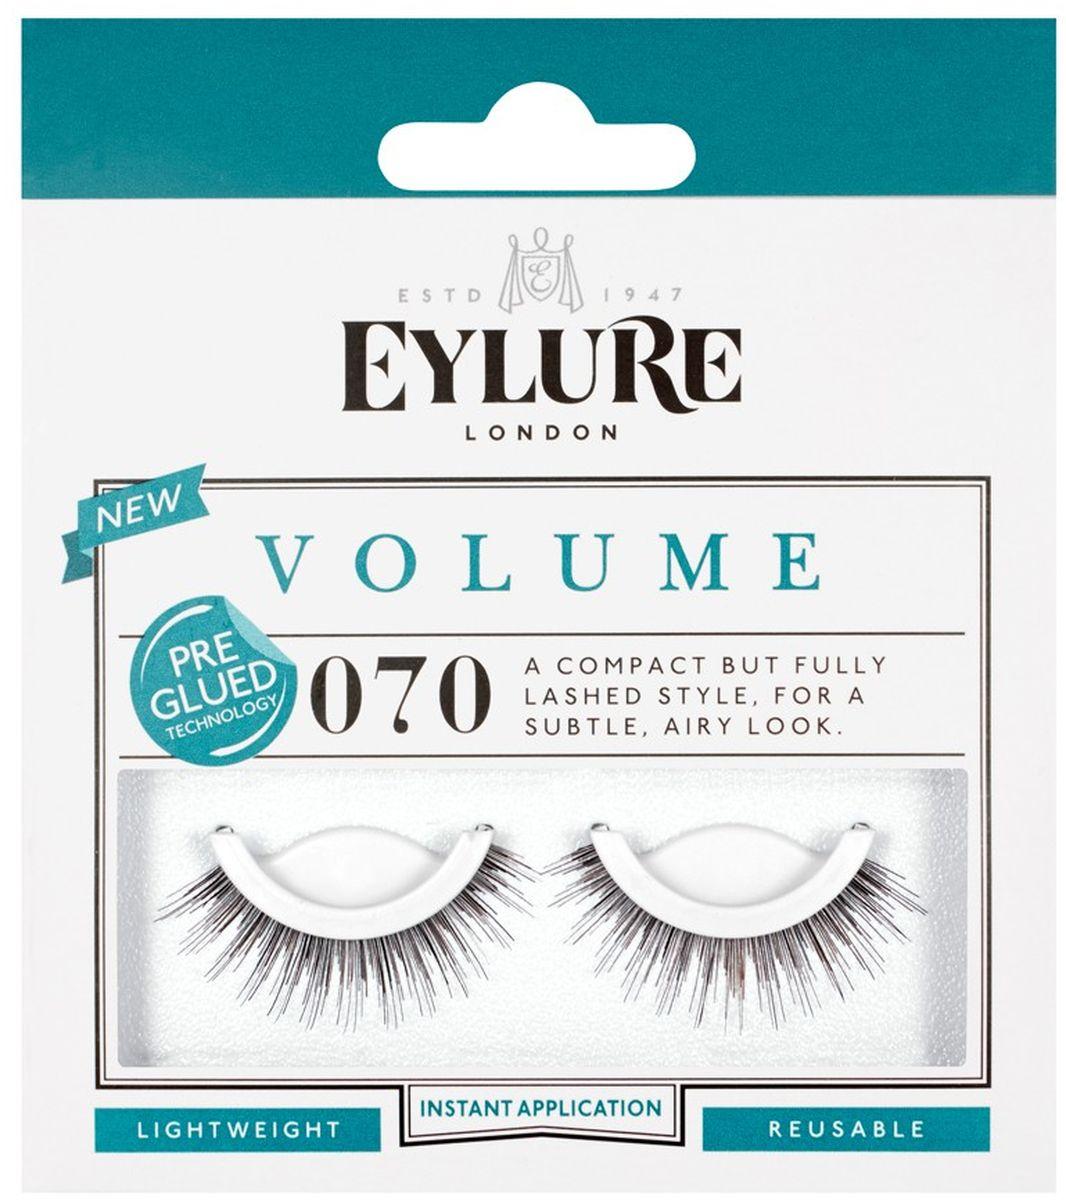 Eylure Накладные реницы объемные Volume Pre-Glued (с нанесенным клеем). 60060126006012Накладные ресницы из натурального волоса для создания эффекта длины. В набор входит прозрачный клей для накладных ресниц Lashfix Clear.